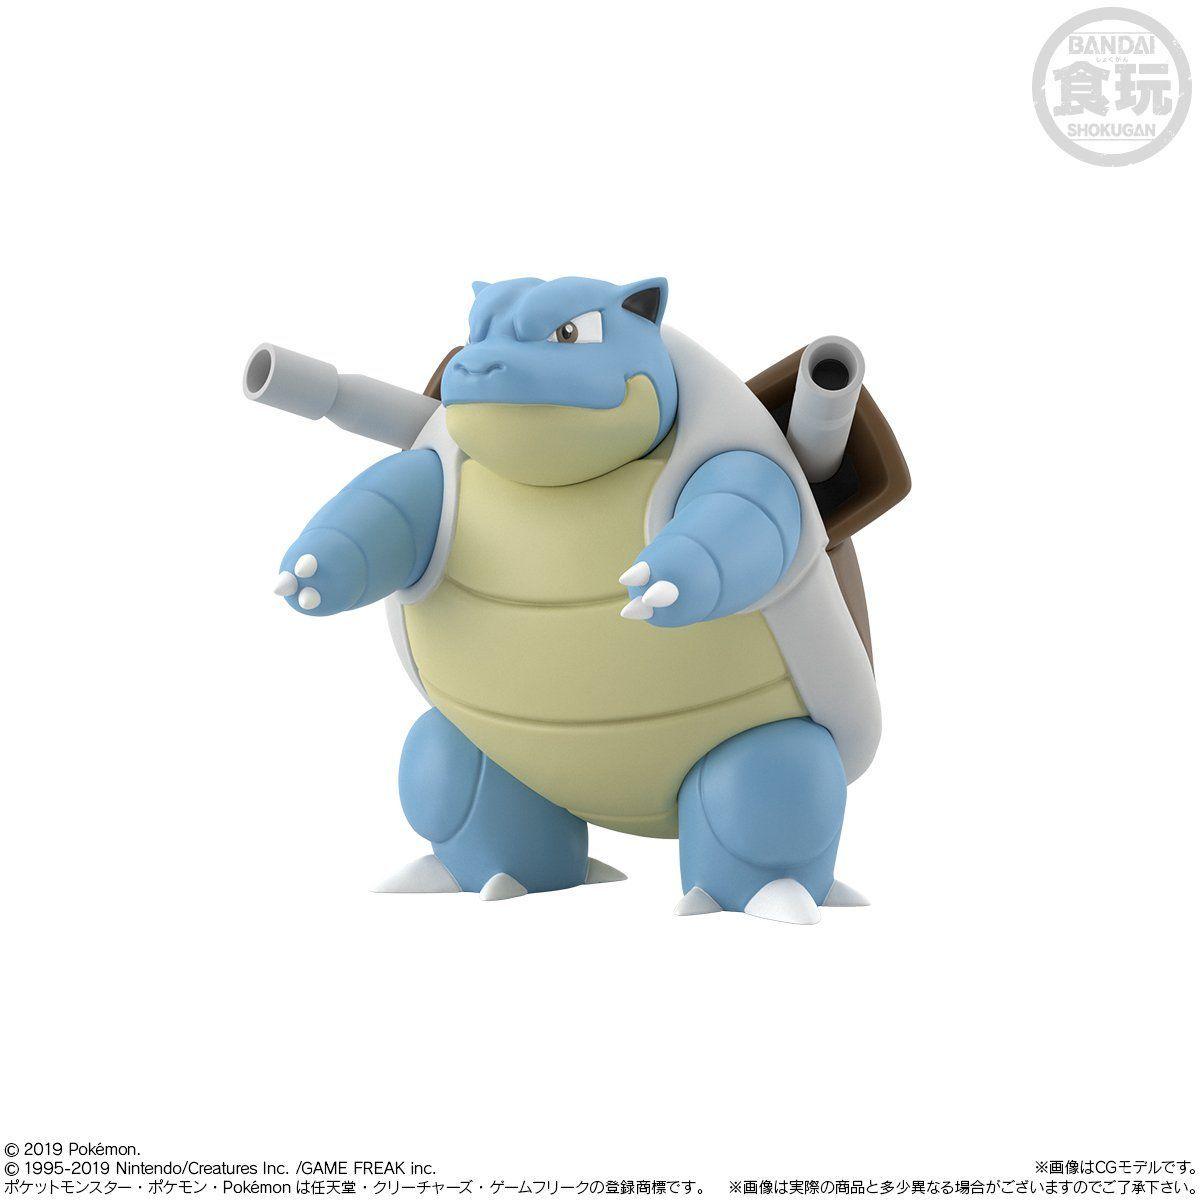 【食玩】ポケモンスケールワールド カントー『 オーキド博士セット』1/20 完成品フィギュア-004